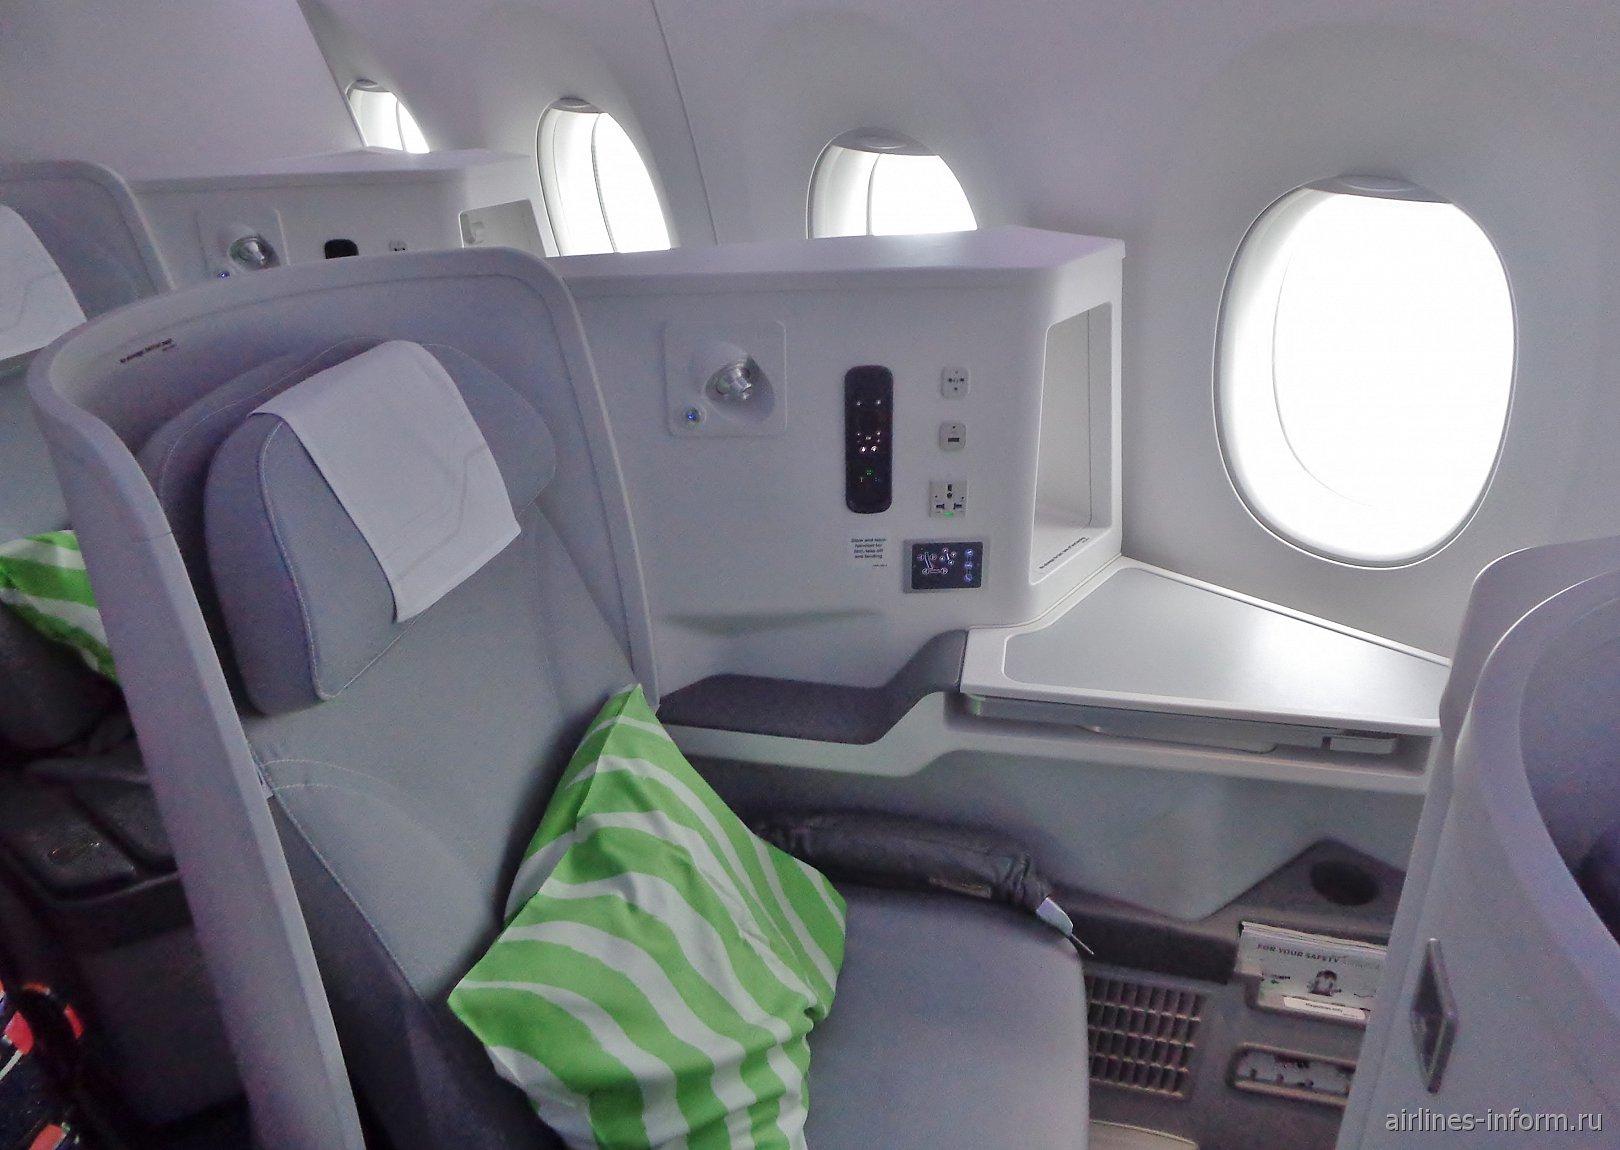 Место пассажира бизнес-класса в самолете Airbus A350-900 авиакомпании Finnair